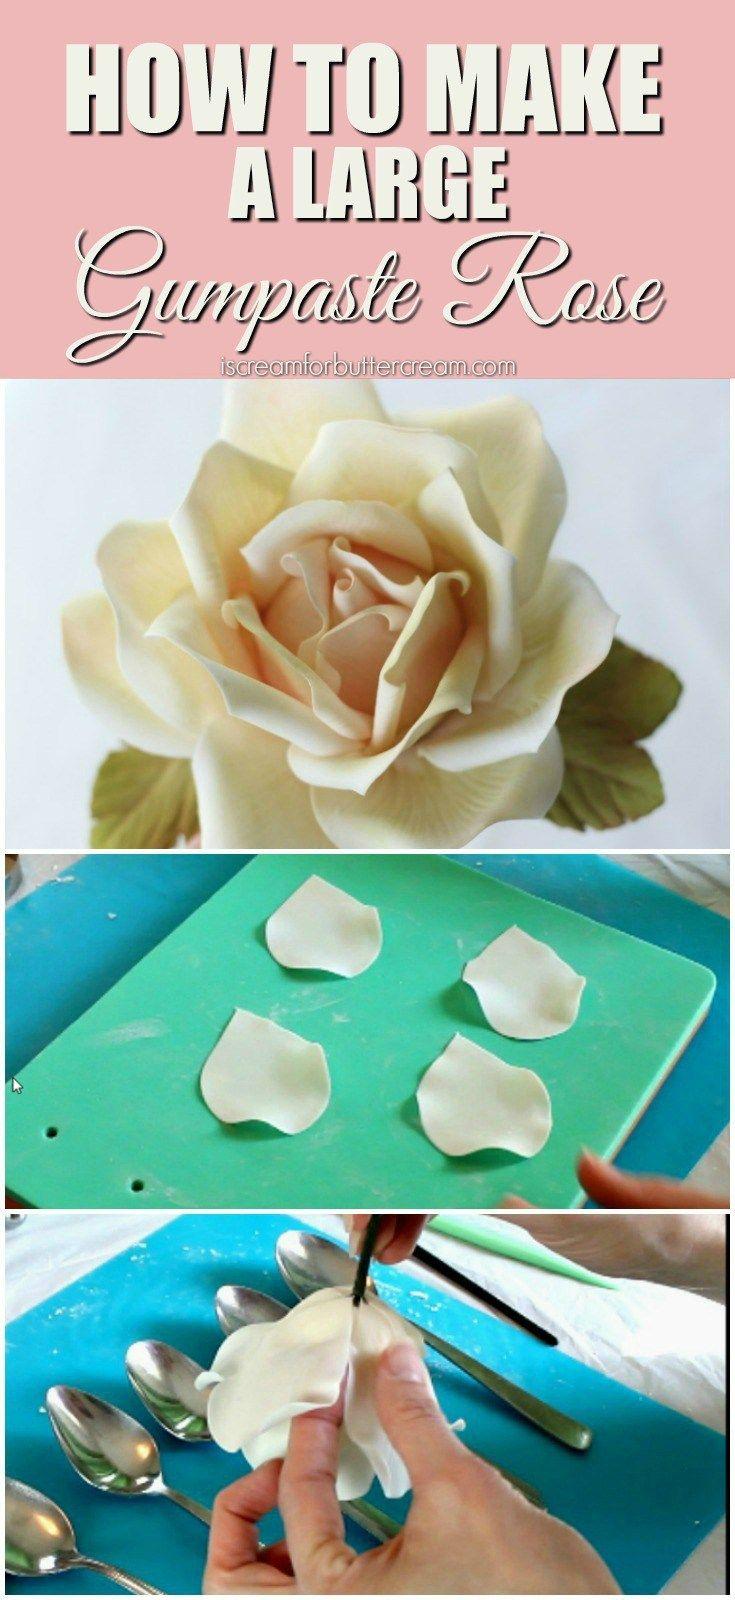 How to Make a Large Gumpaste Rose 1